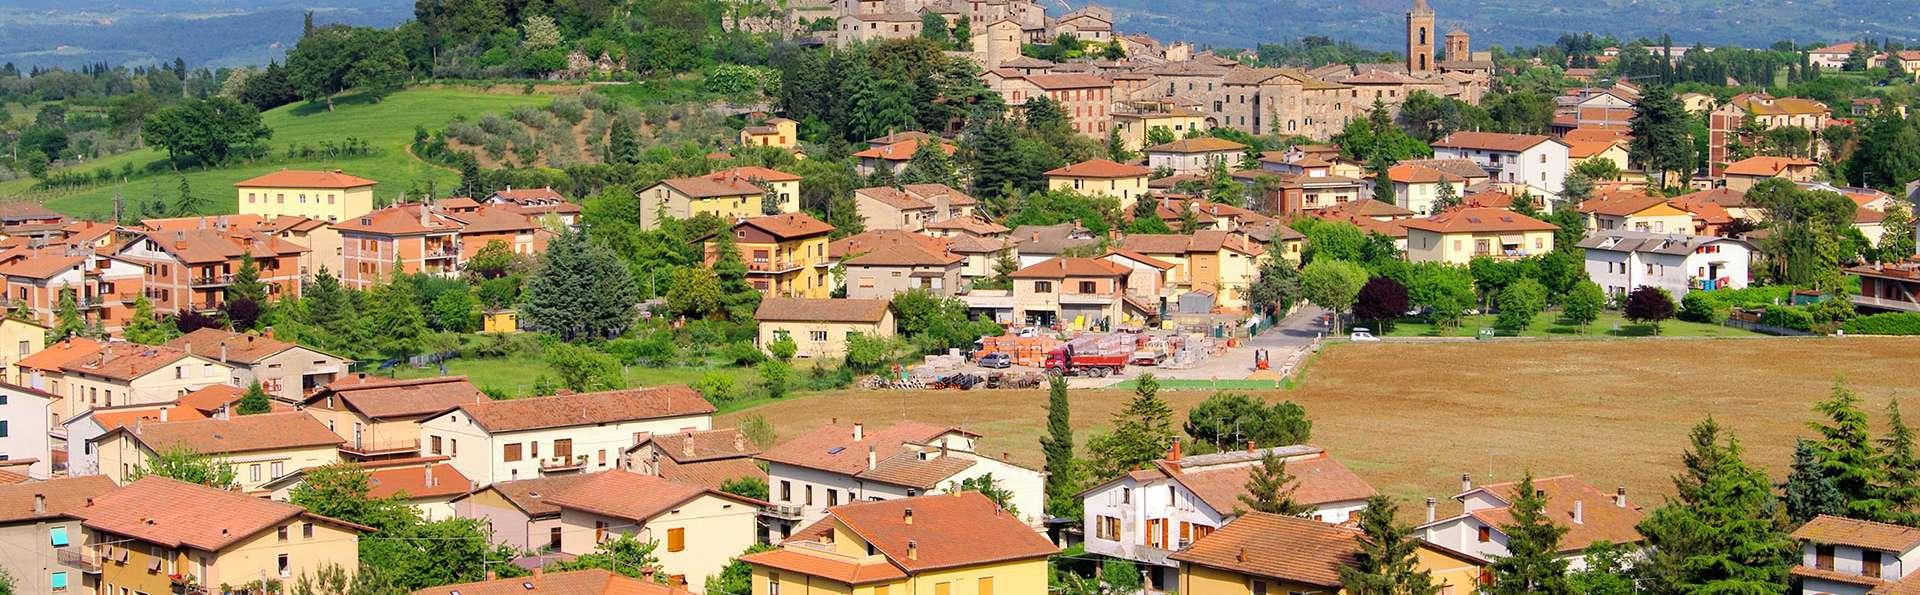 Découvrez la Toscane et la ville de Chiusi dans une ambiance vintage